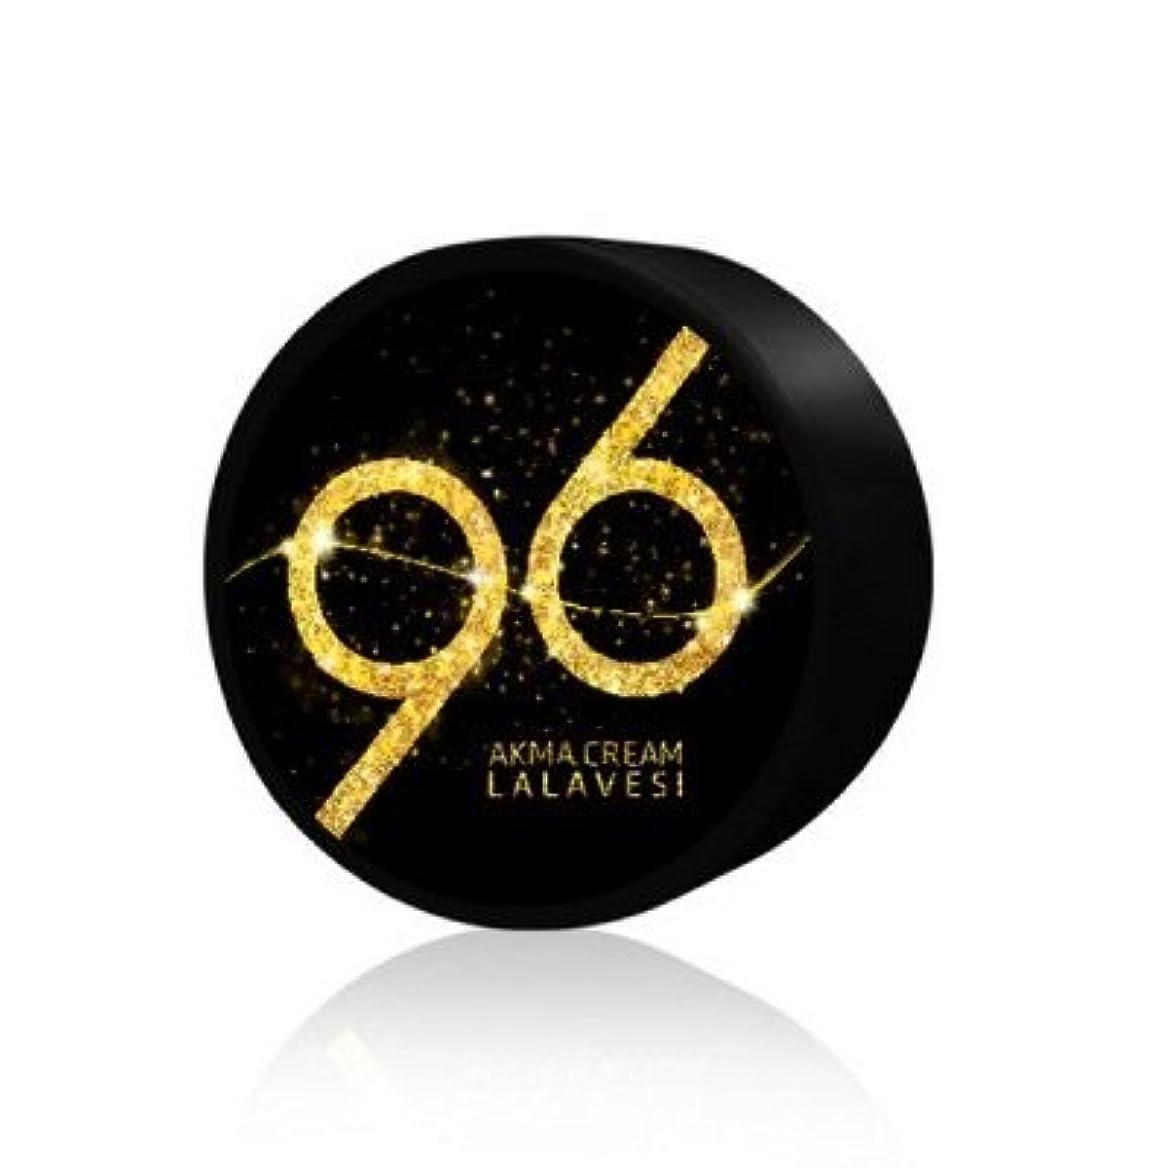 団結する作曲する製品LALAVESI Akma 96 Cream FW 70g / ララベシ リアル悪魔 96クリーム 70g [並行輸入品]